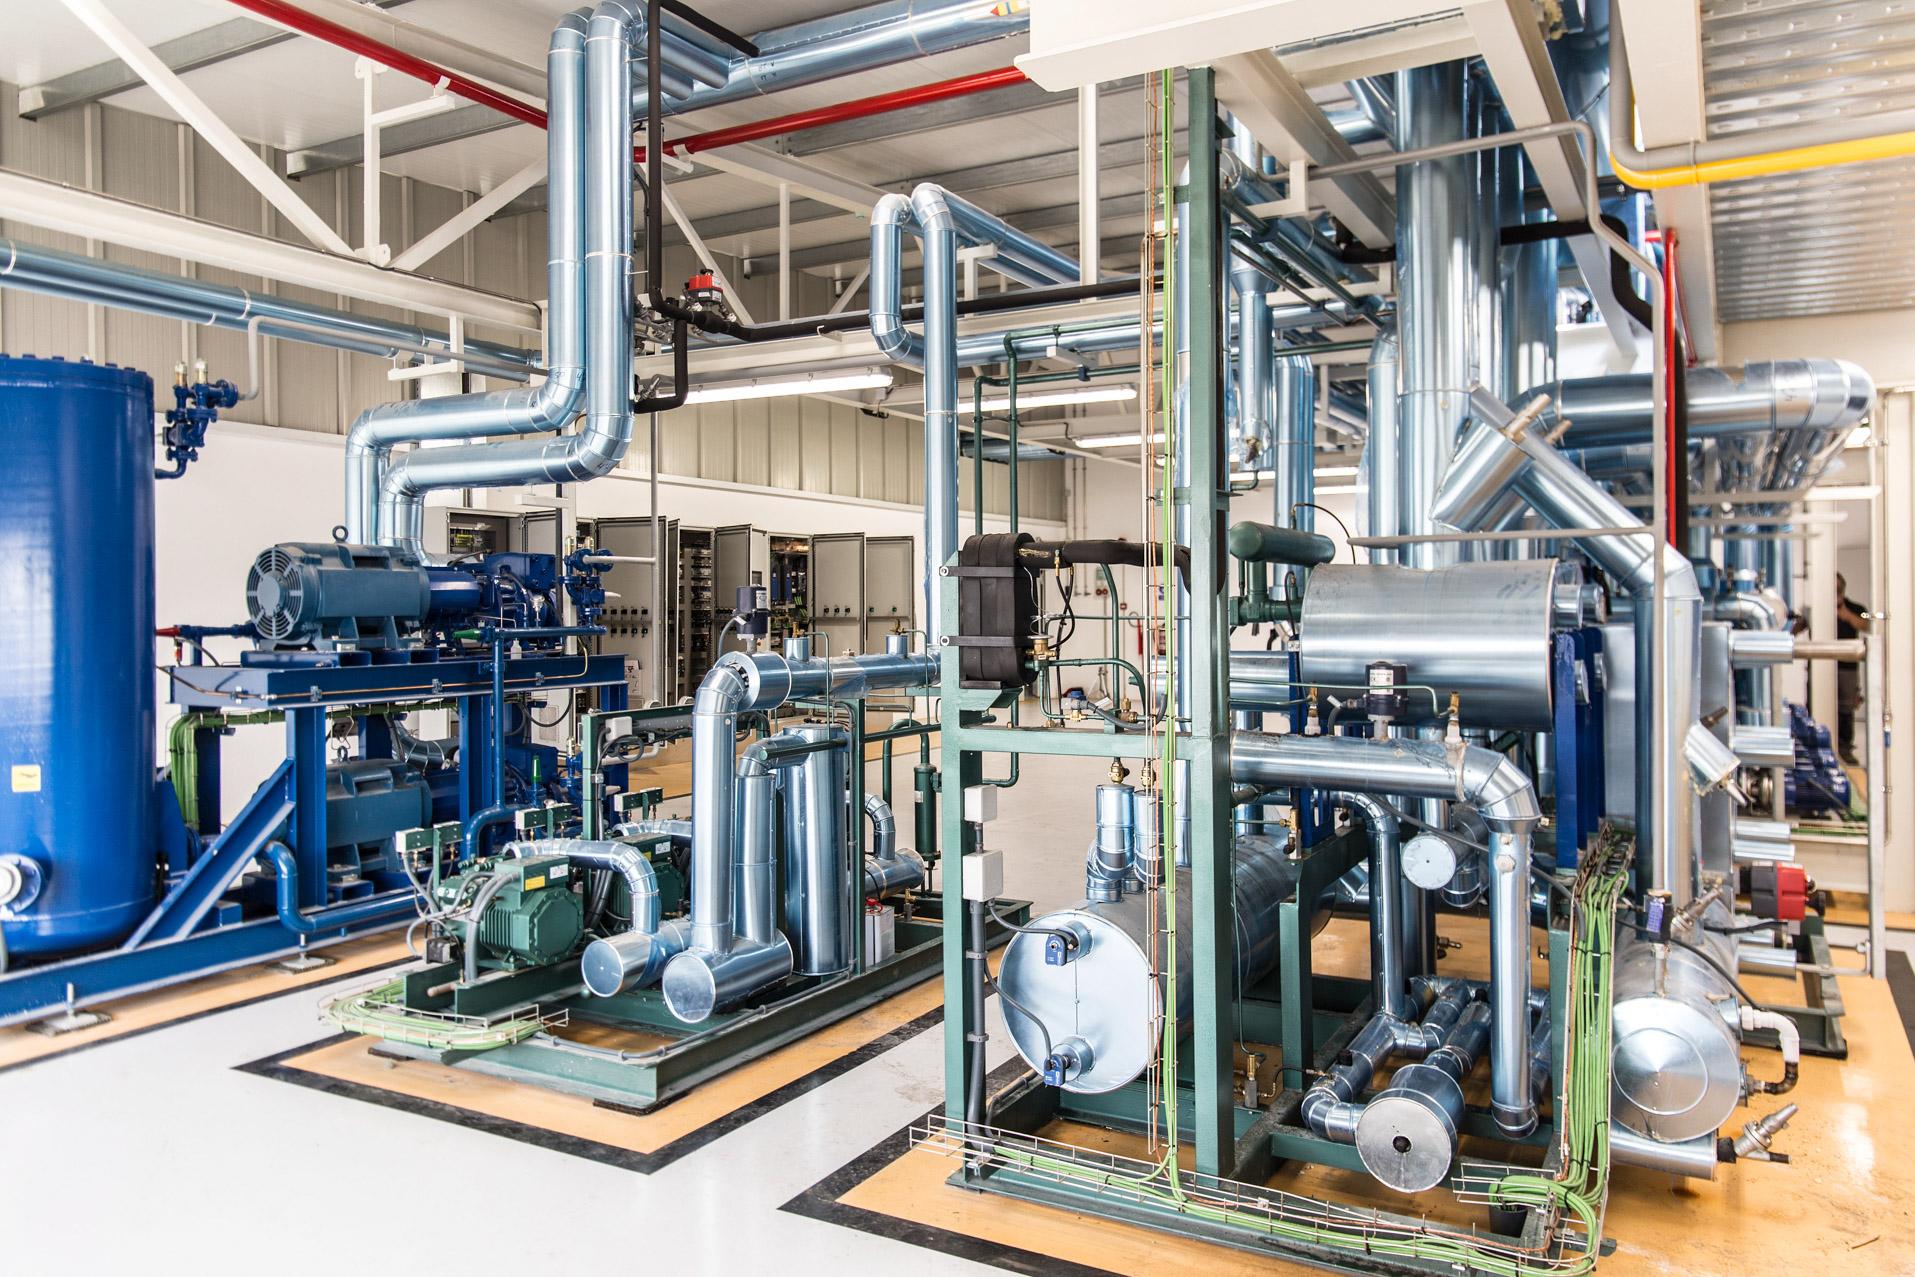 La Piemontesa Factory